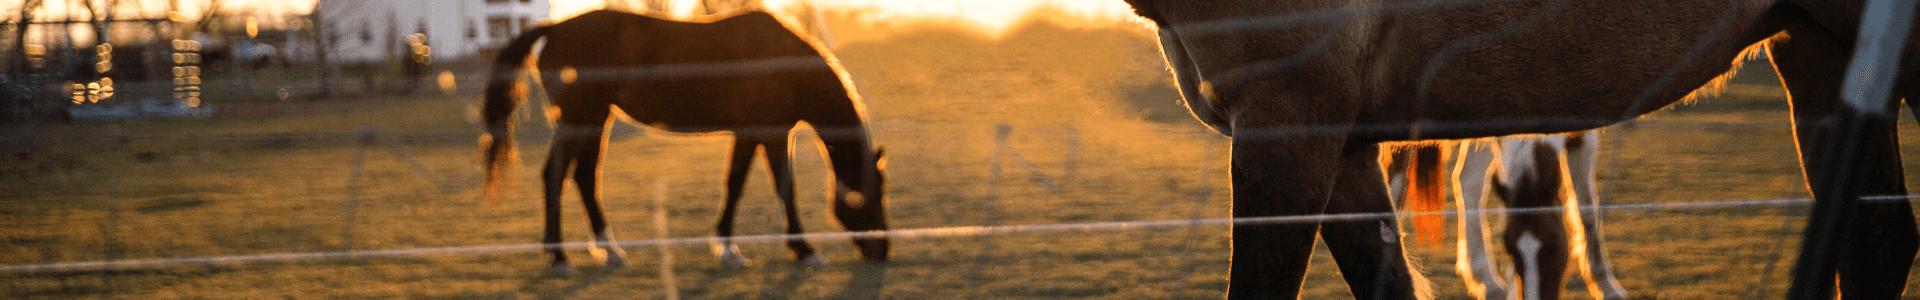 Jodinėjimas žirgais 13